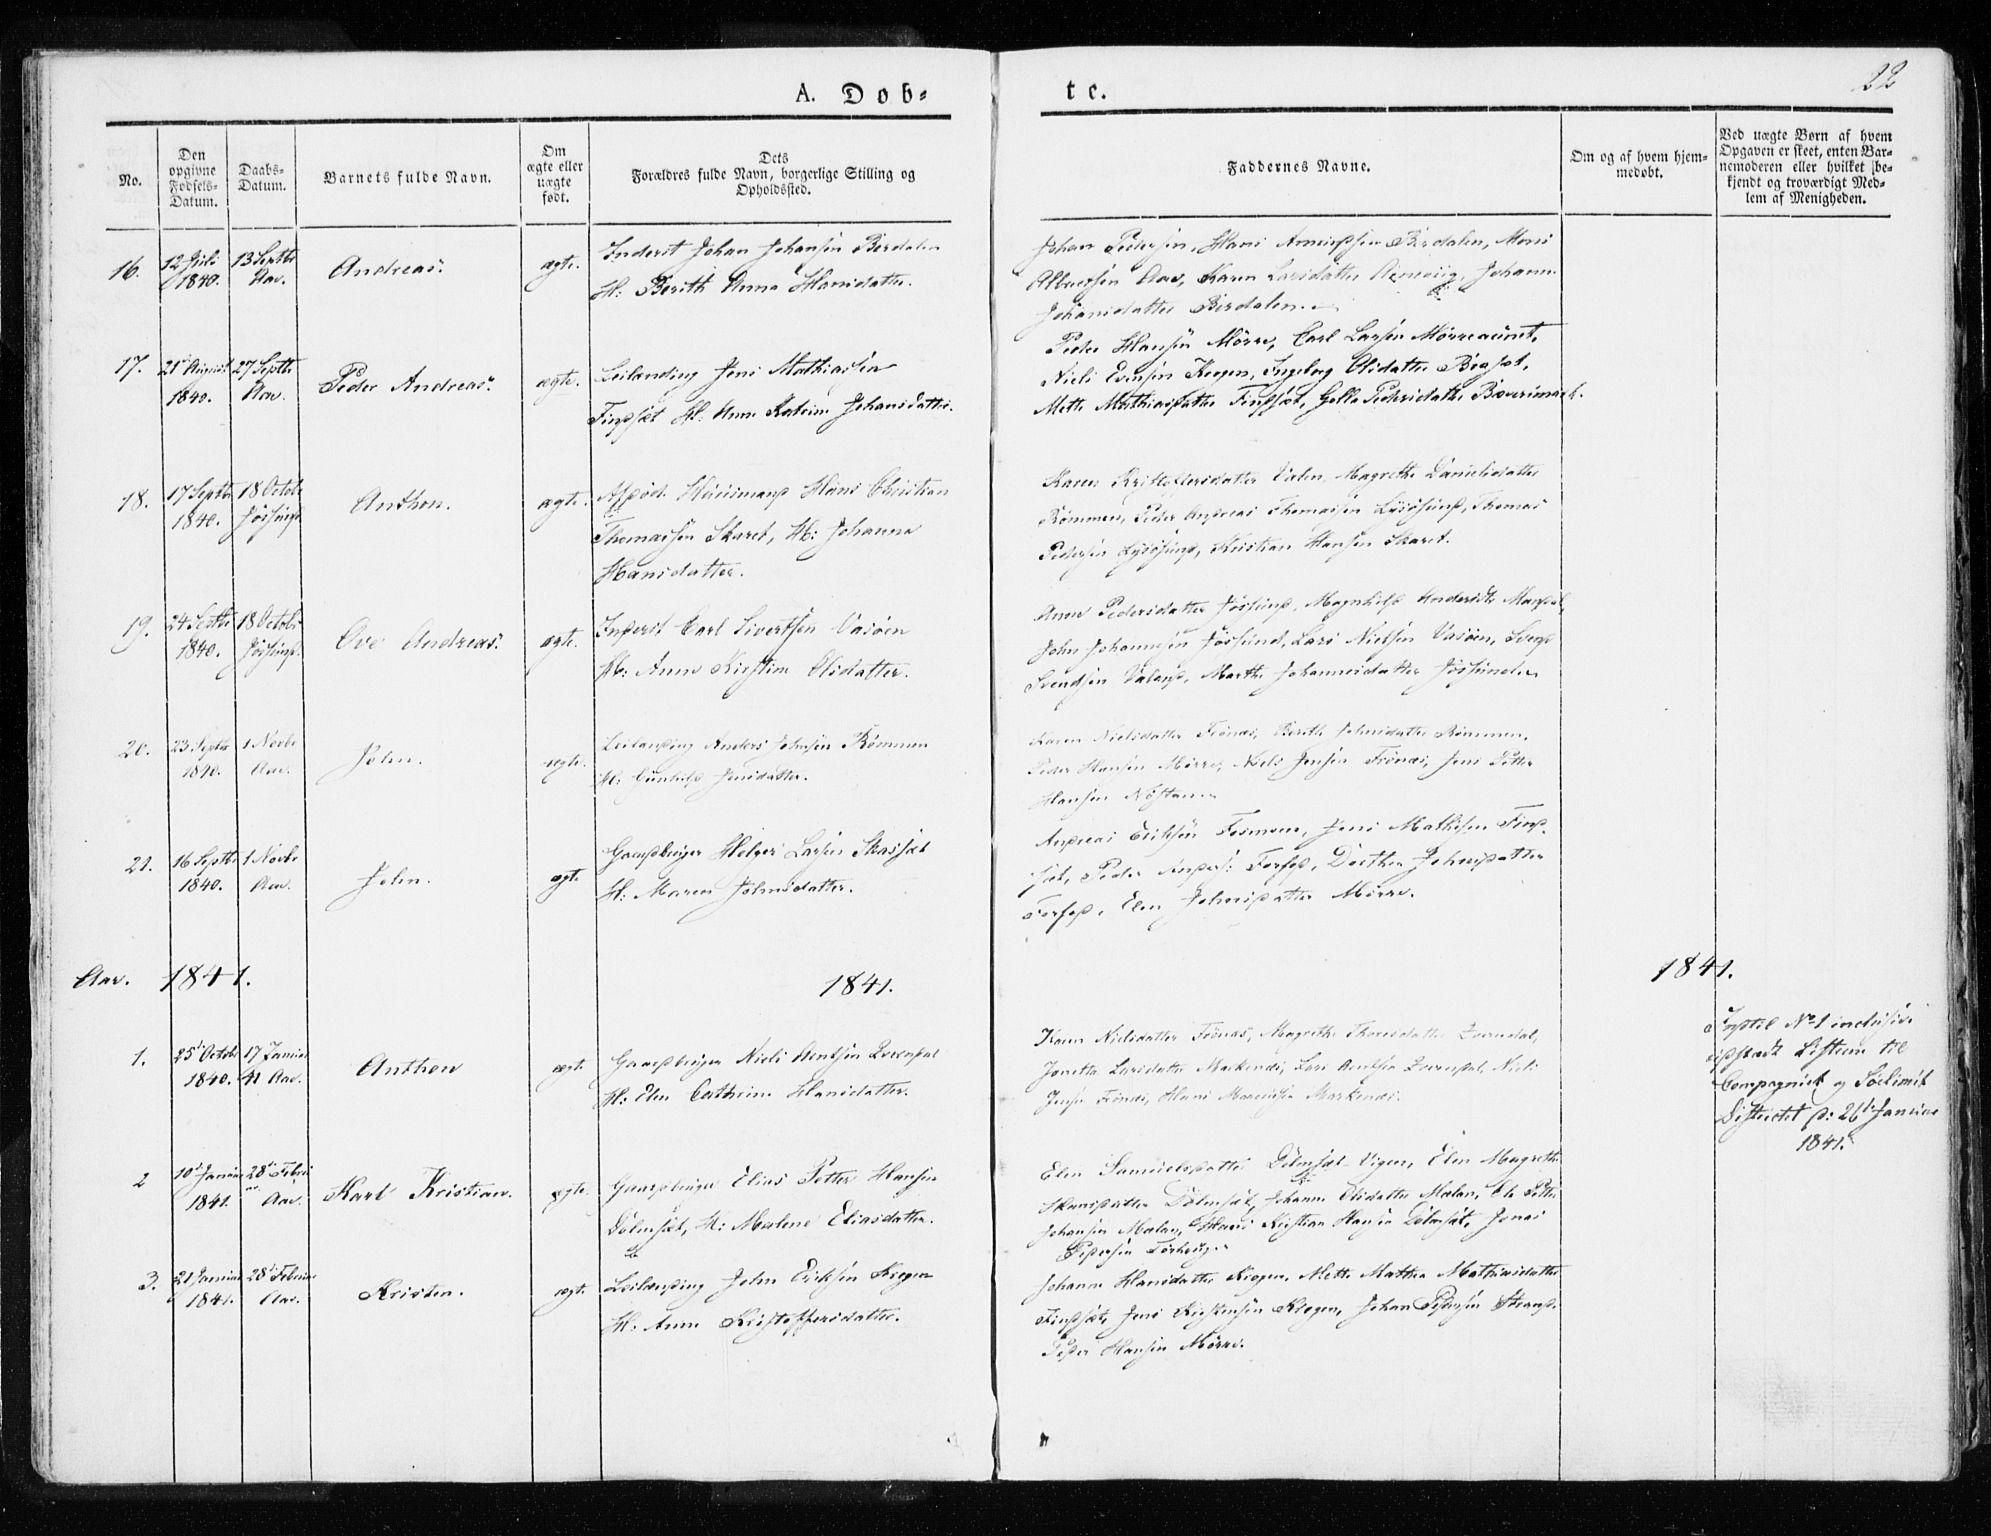 SAT, Ministerialprotokoller, klokkerbøker og fødselsregistre - Sør-Trøndelag, 655/L0676: Ministerialbok nr. 655A05, 1830-1847, s. 22